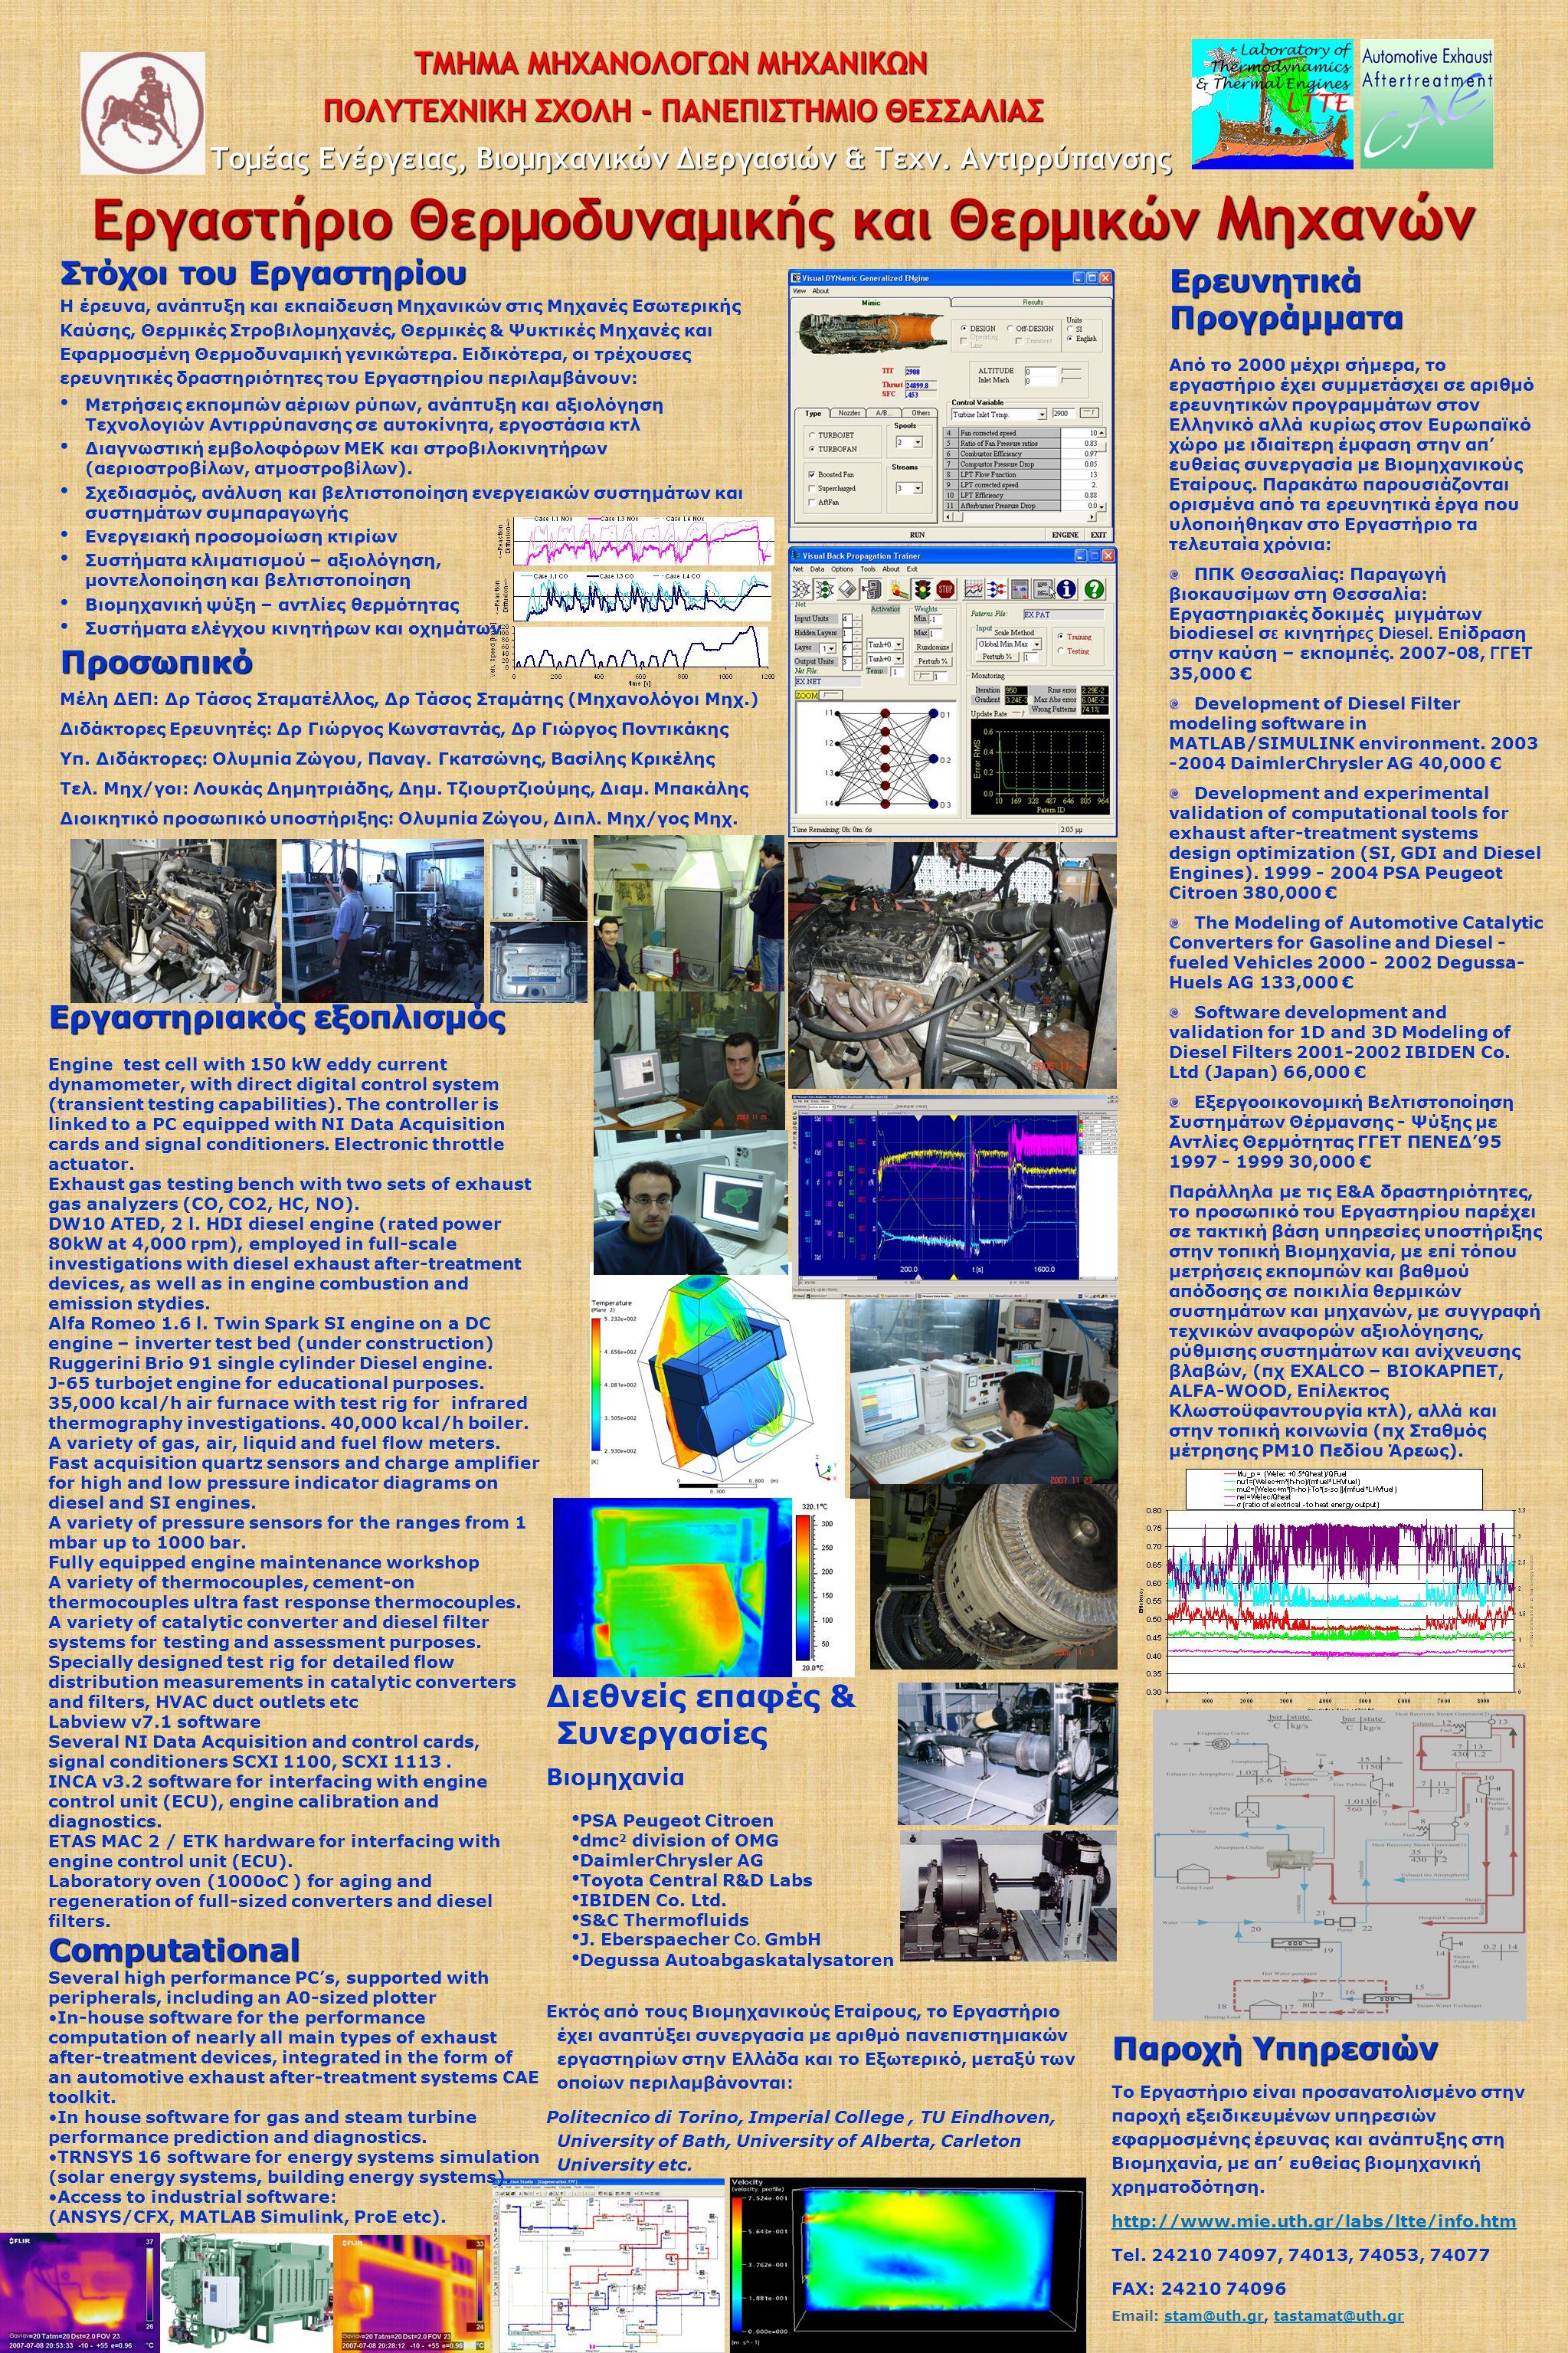 Εργαστήριο Θερμοδυναμικής και Θερμικών Μηχανών